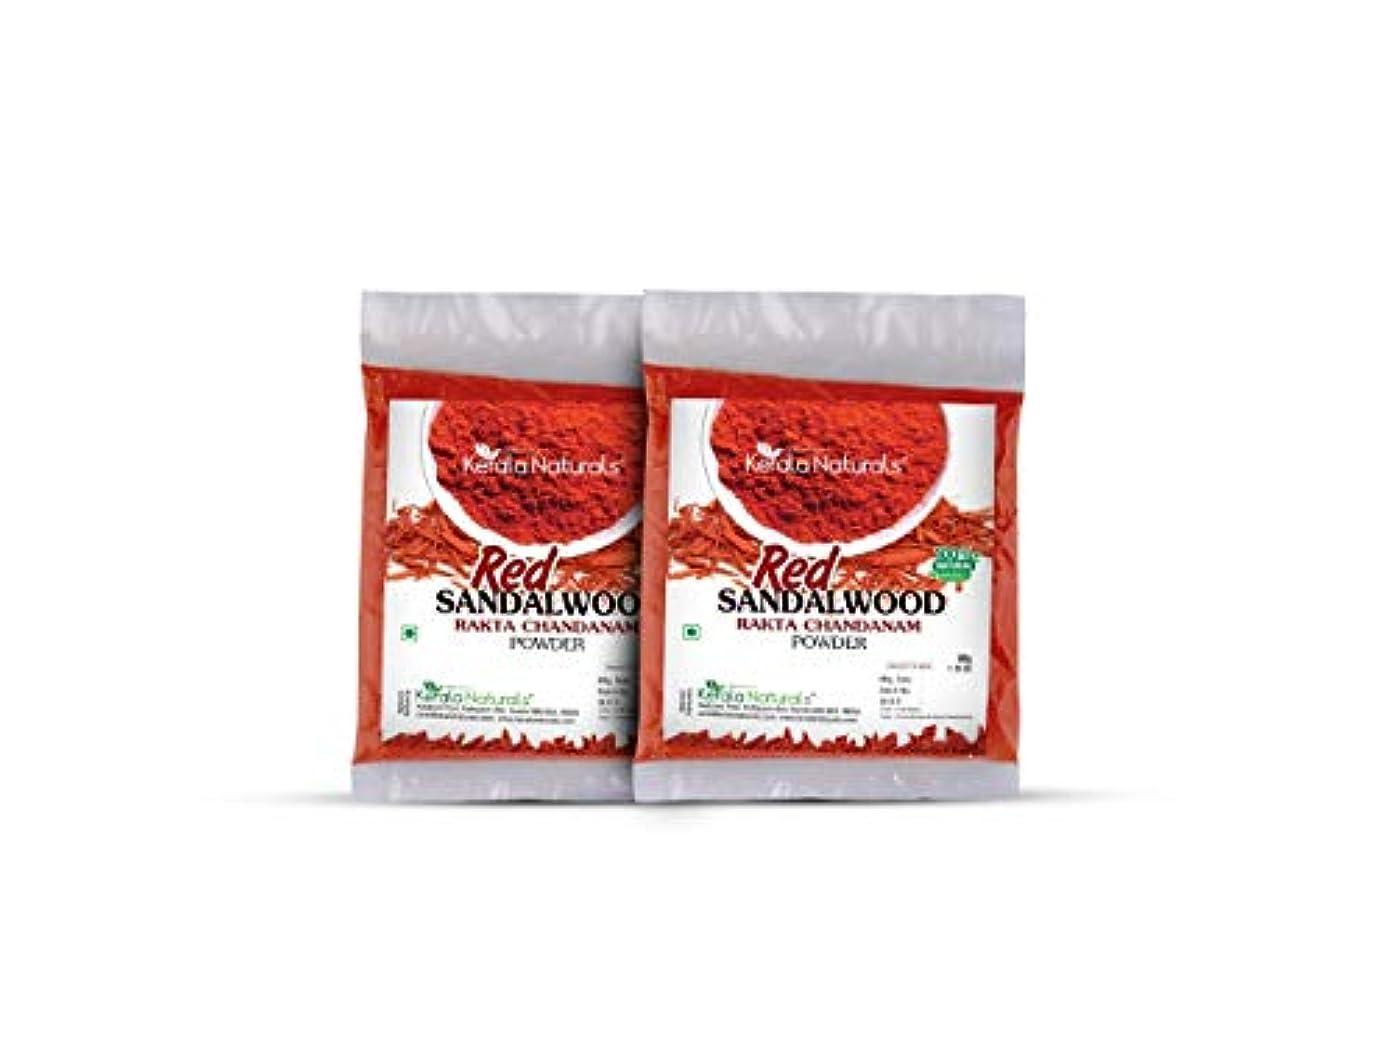 硬さ腰ビルダーKerala Naturals Ayurvedic Natural Red Sandalwood Powder Raktha Chandan - 100Gm (50gm x 2 packs)